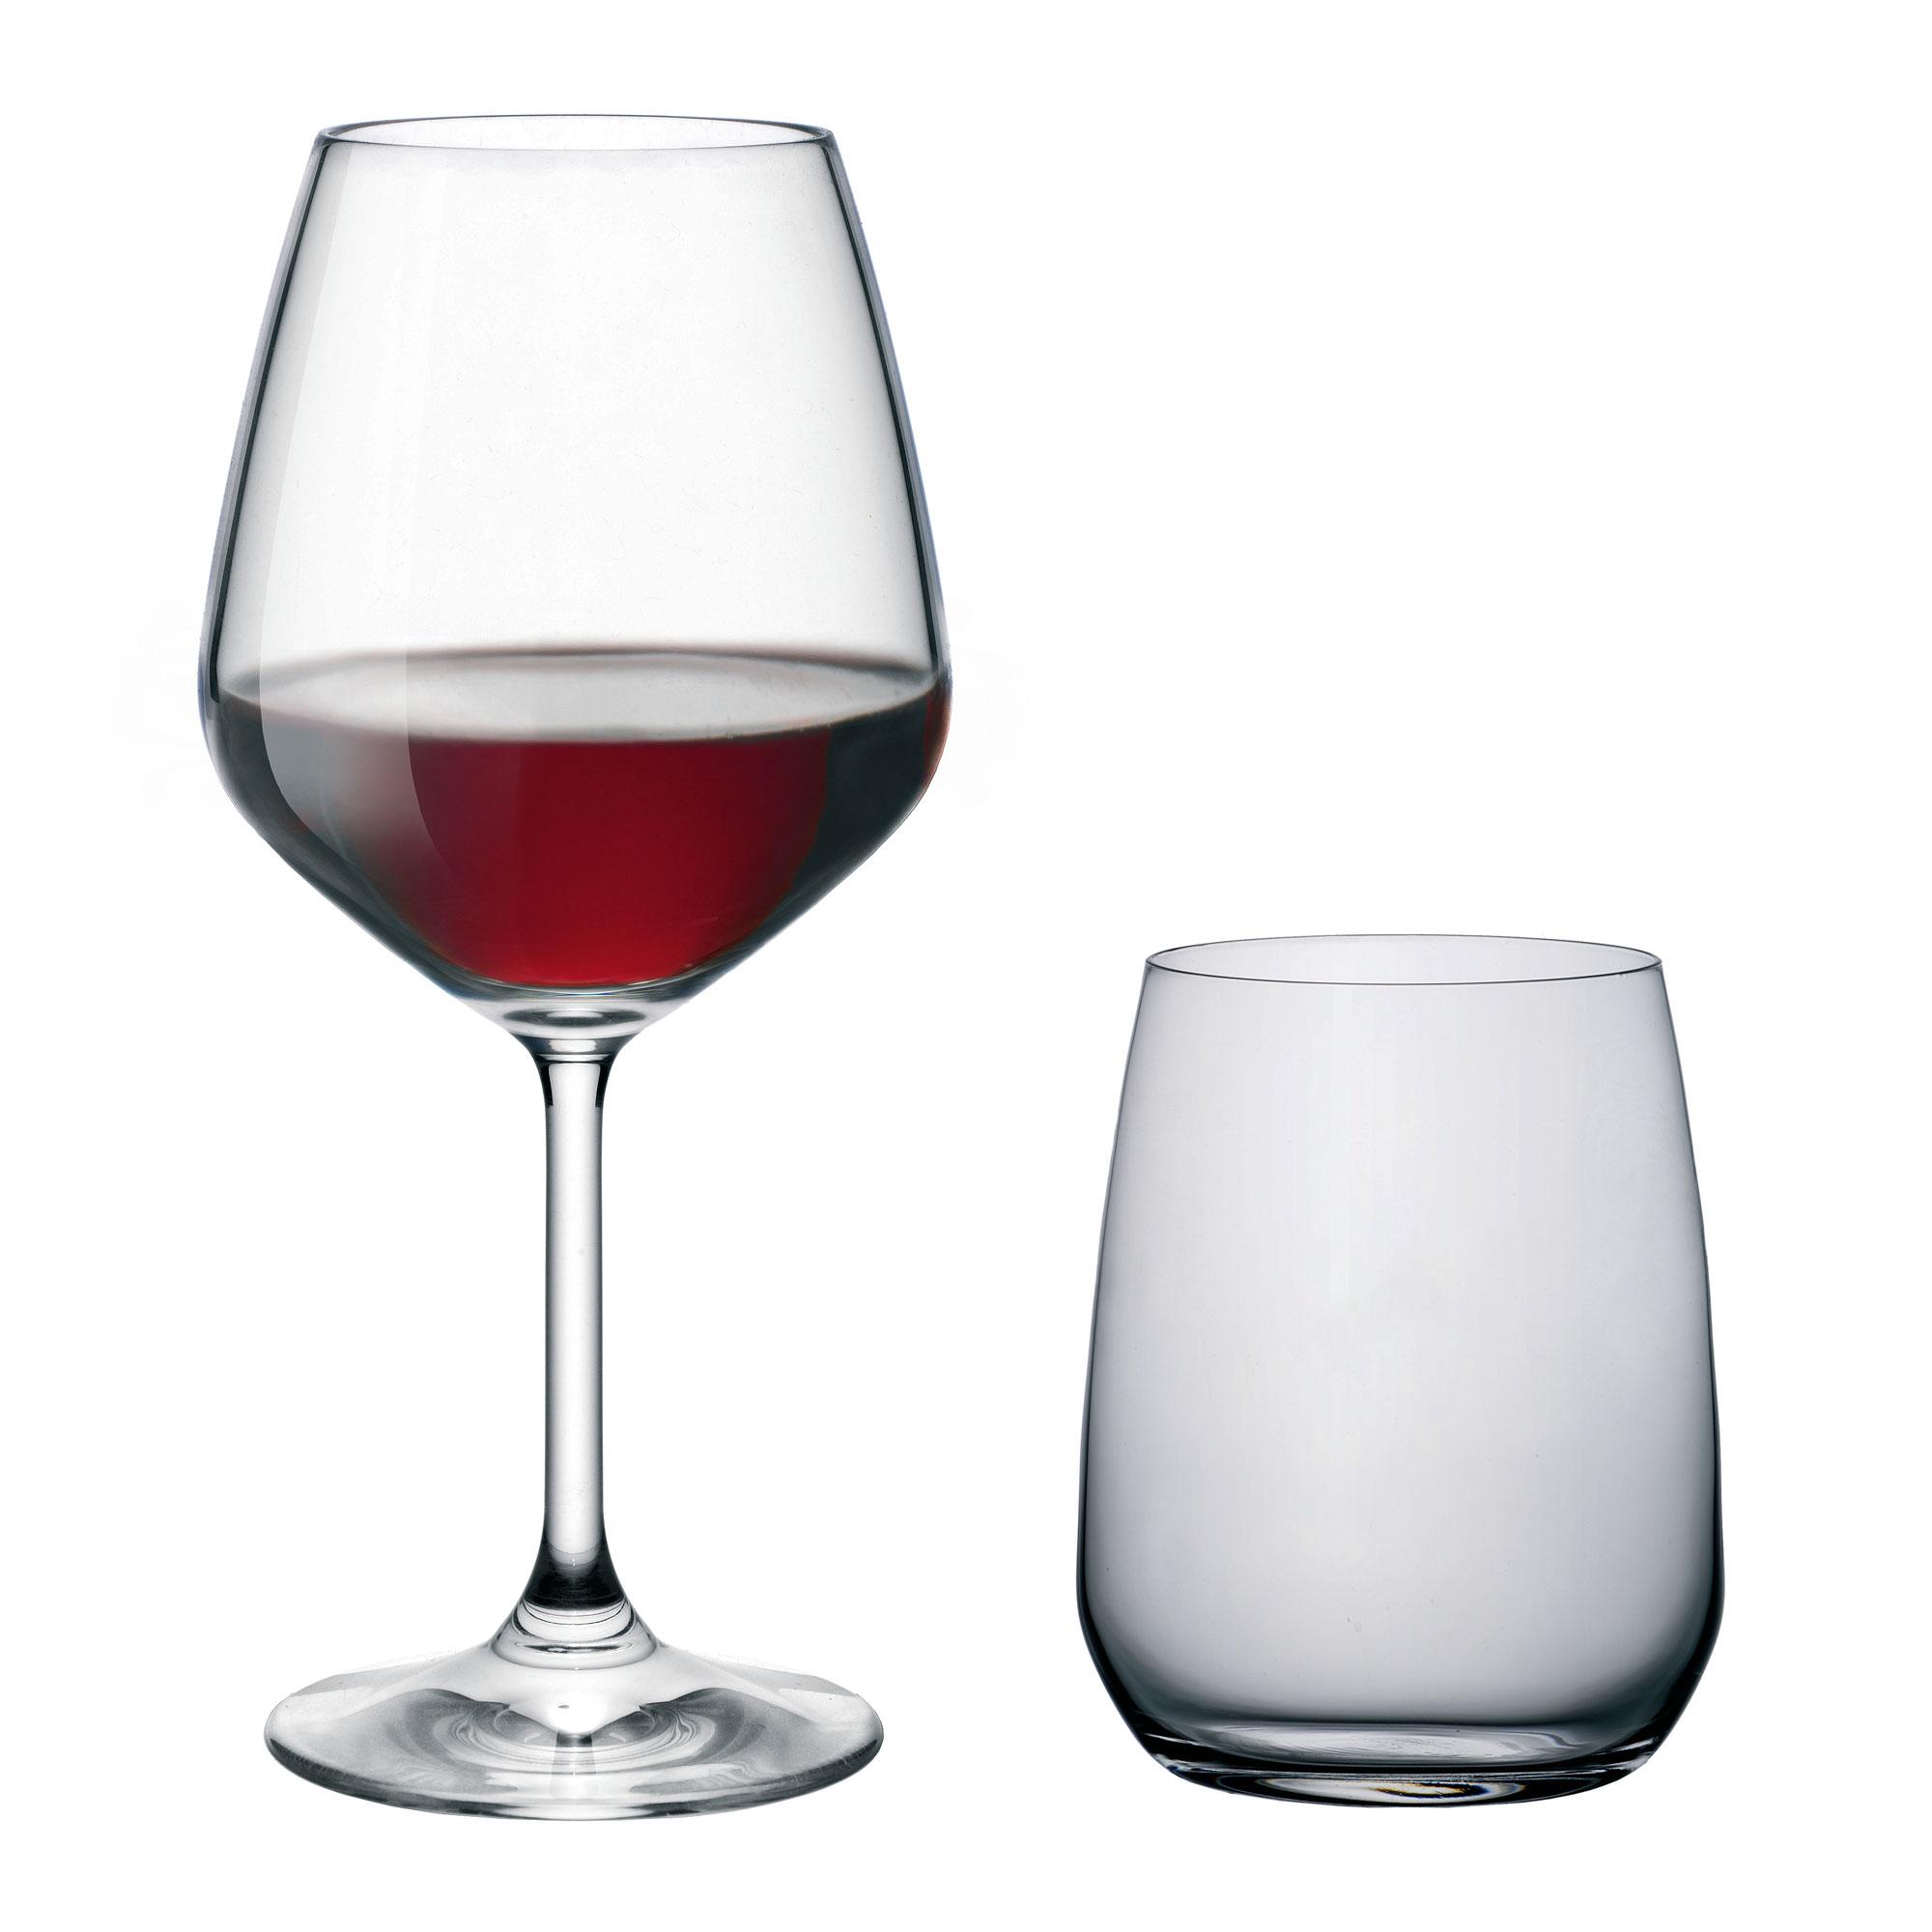 Vin du Rhône : Rouge et blanc, voire noir, les cépages de la vallée du Rhône à la loupe